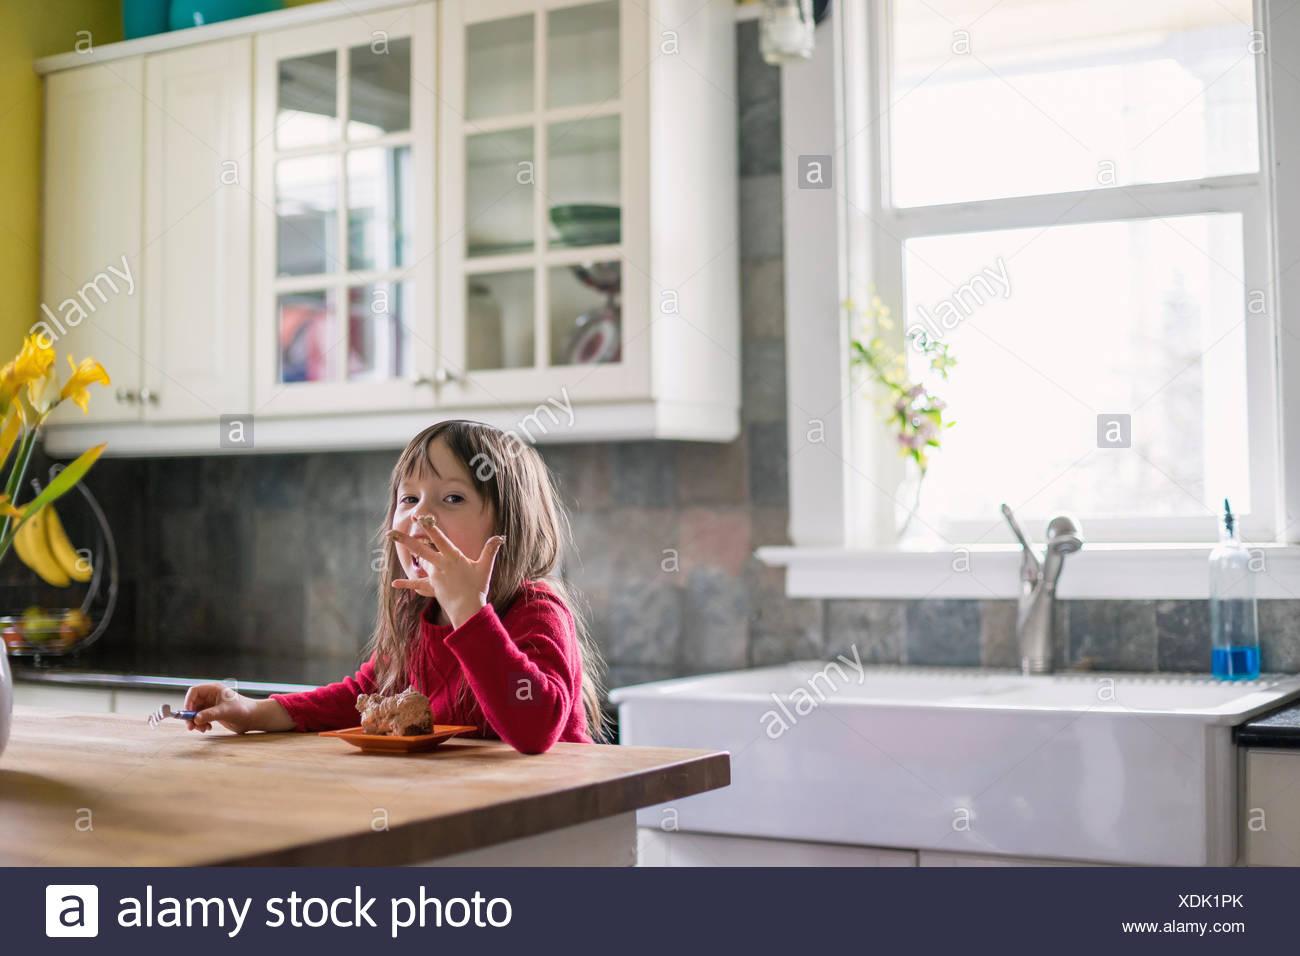 Ragazza seduta in cucina mangiare il cioccolato dolce e leccarsi le dita Immagini Stock